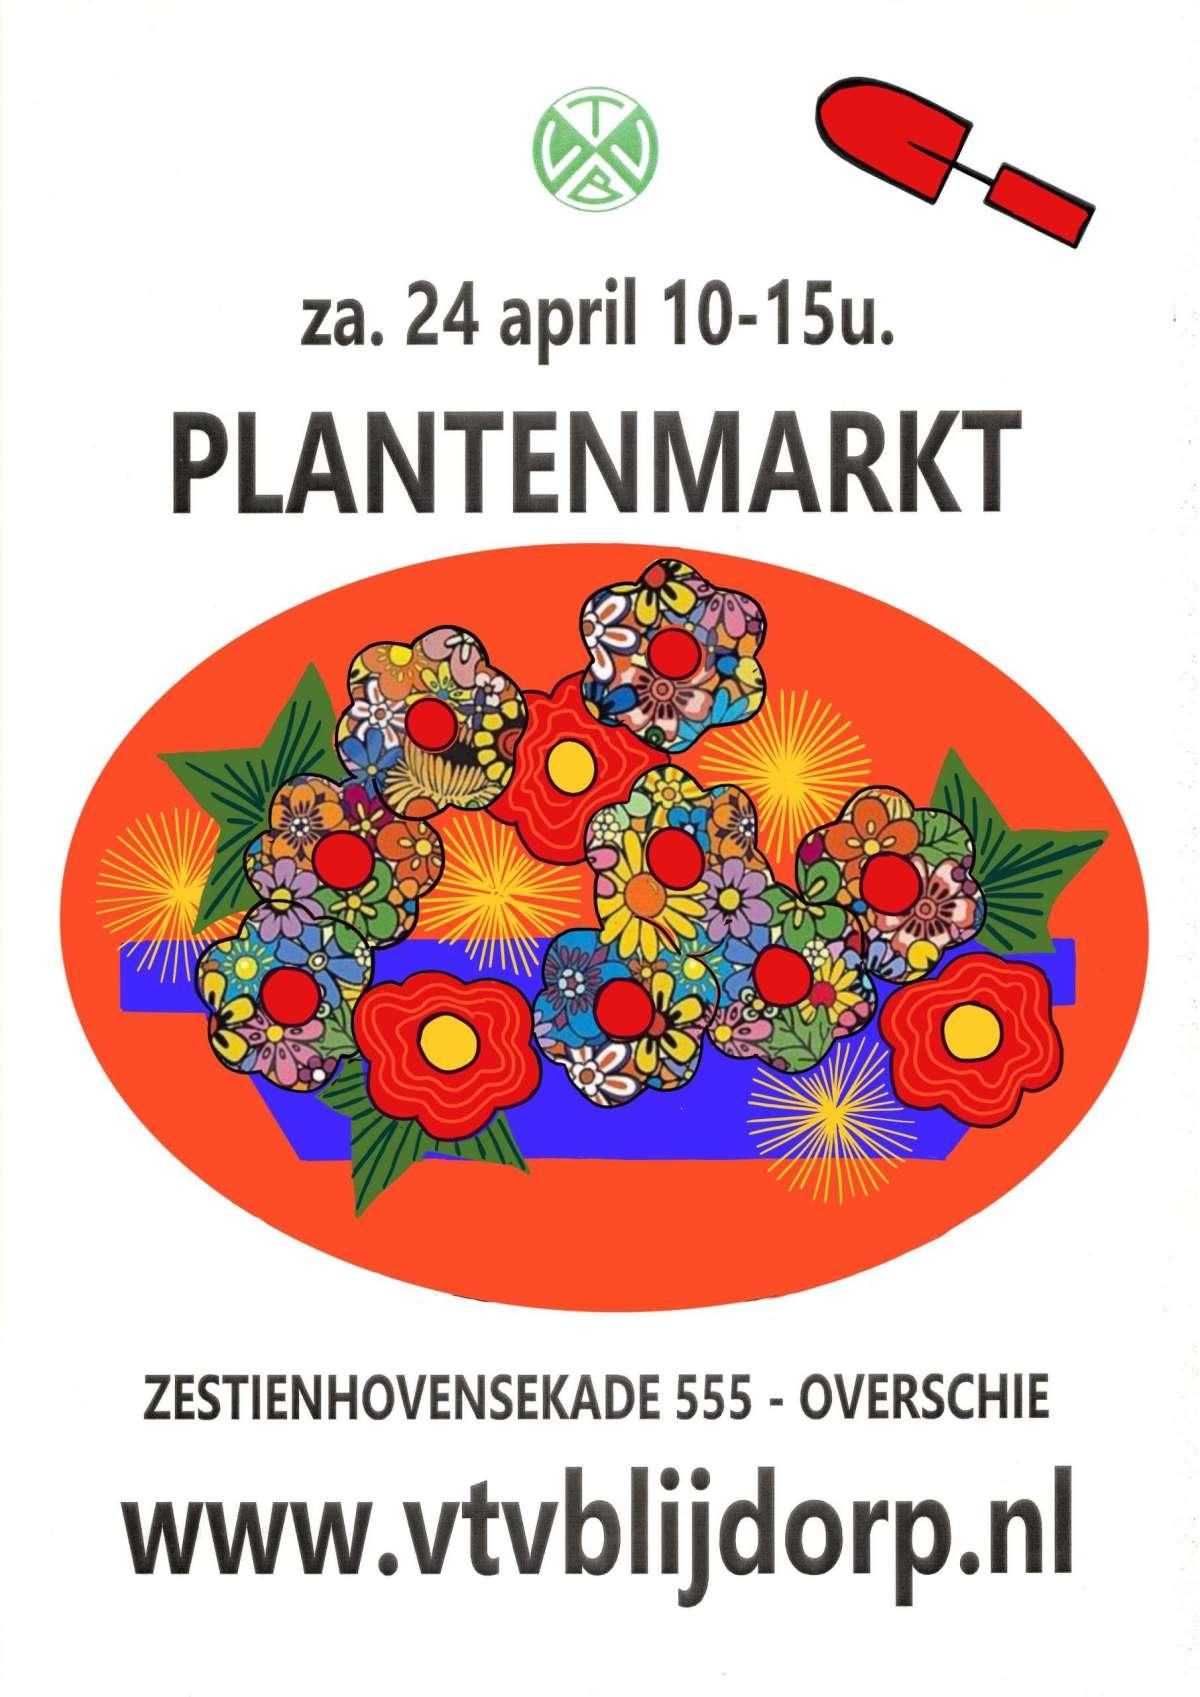 Plantenmarkt